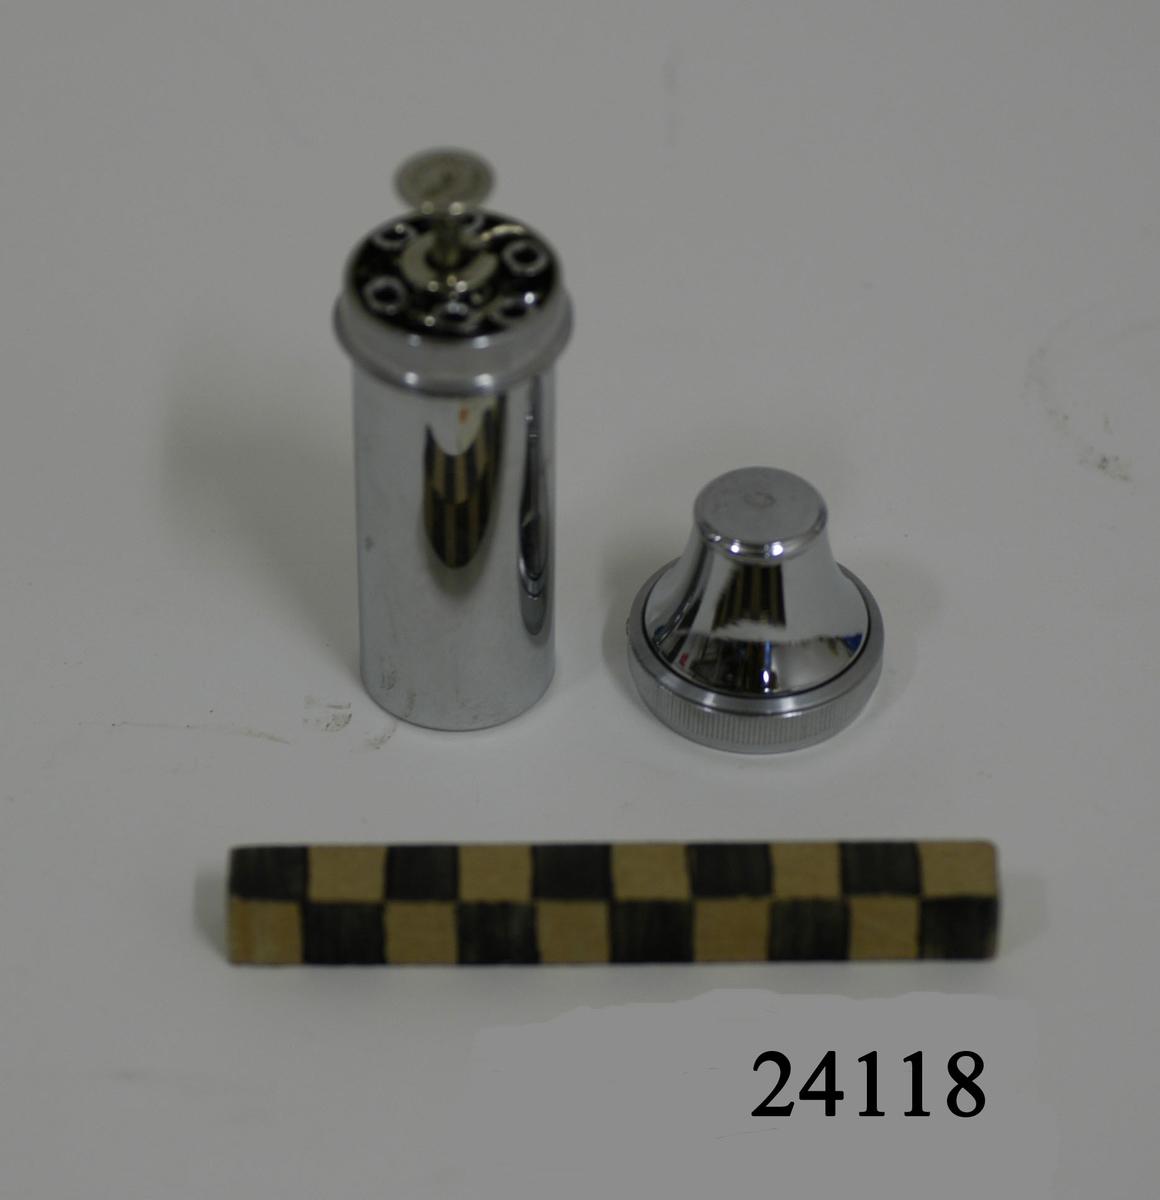 """Cylindriskt etui, fickbestick av förnicklat stål med konformat skruvlock. På lockets insida en stålfjäder. I behållaren urtag för, samt sex stycken kanyler och en injektionsspruta. Sprutan av metall och glas, blå gradering samt text: """"R:Co CC"""". Text i metallen: """"Orginal - Record""""."""